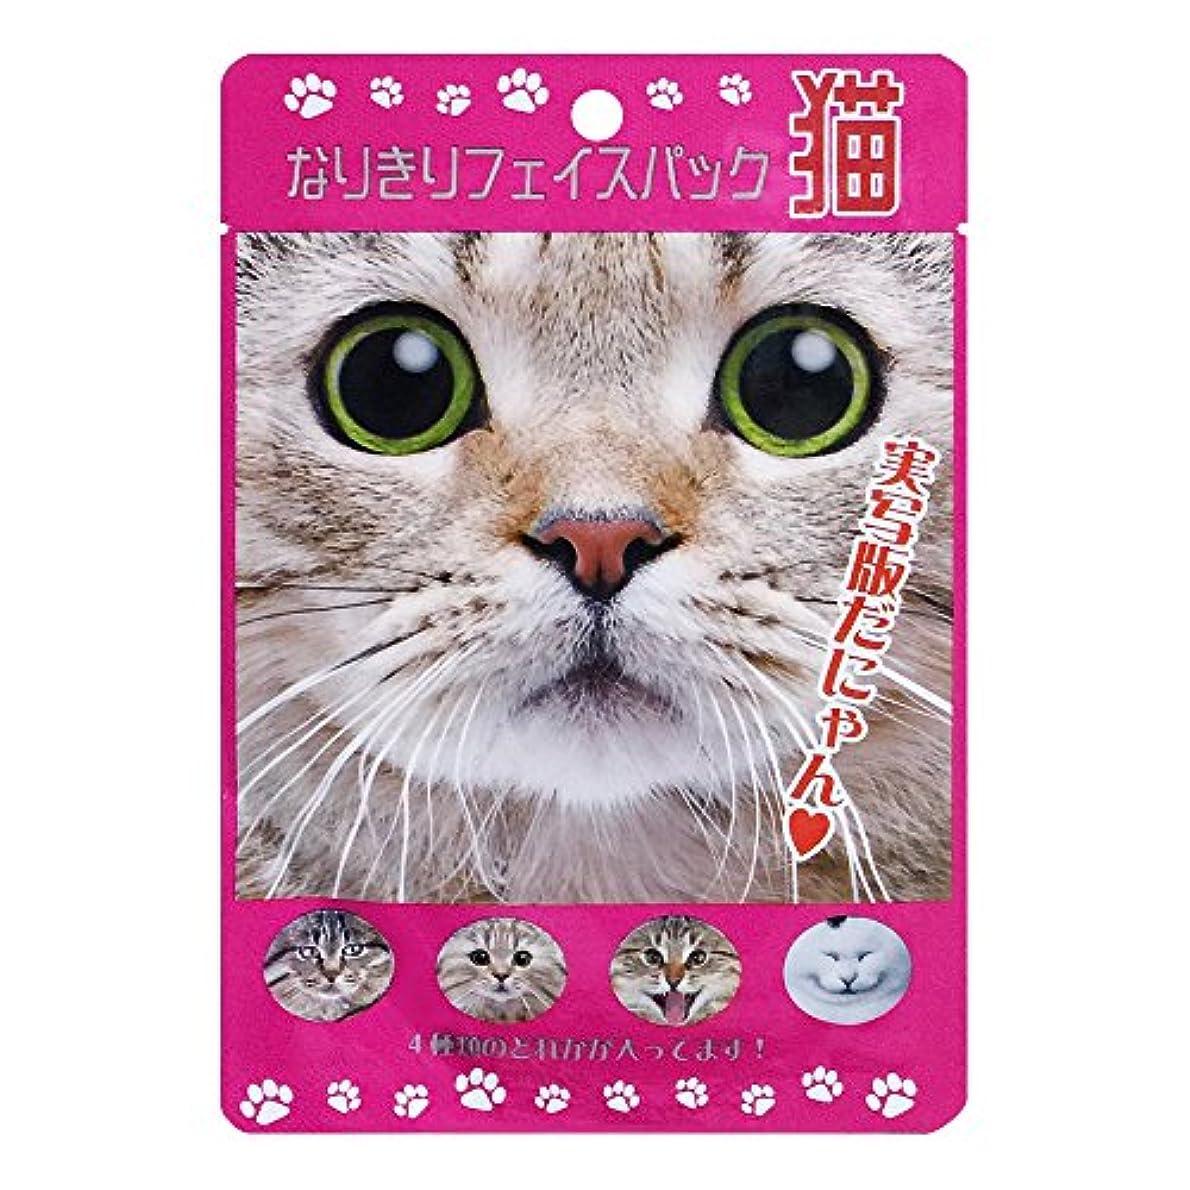 ケーブルカーショッキングカーペットなりきりフェイスパック 猫 (1シート(20mL))